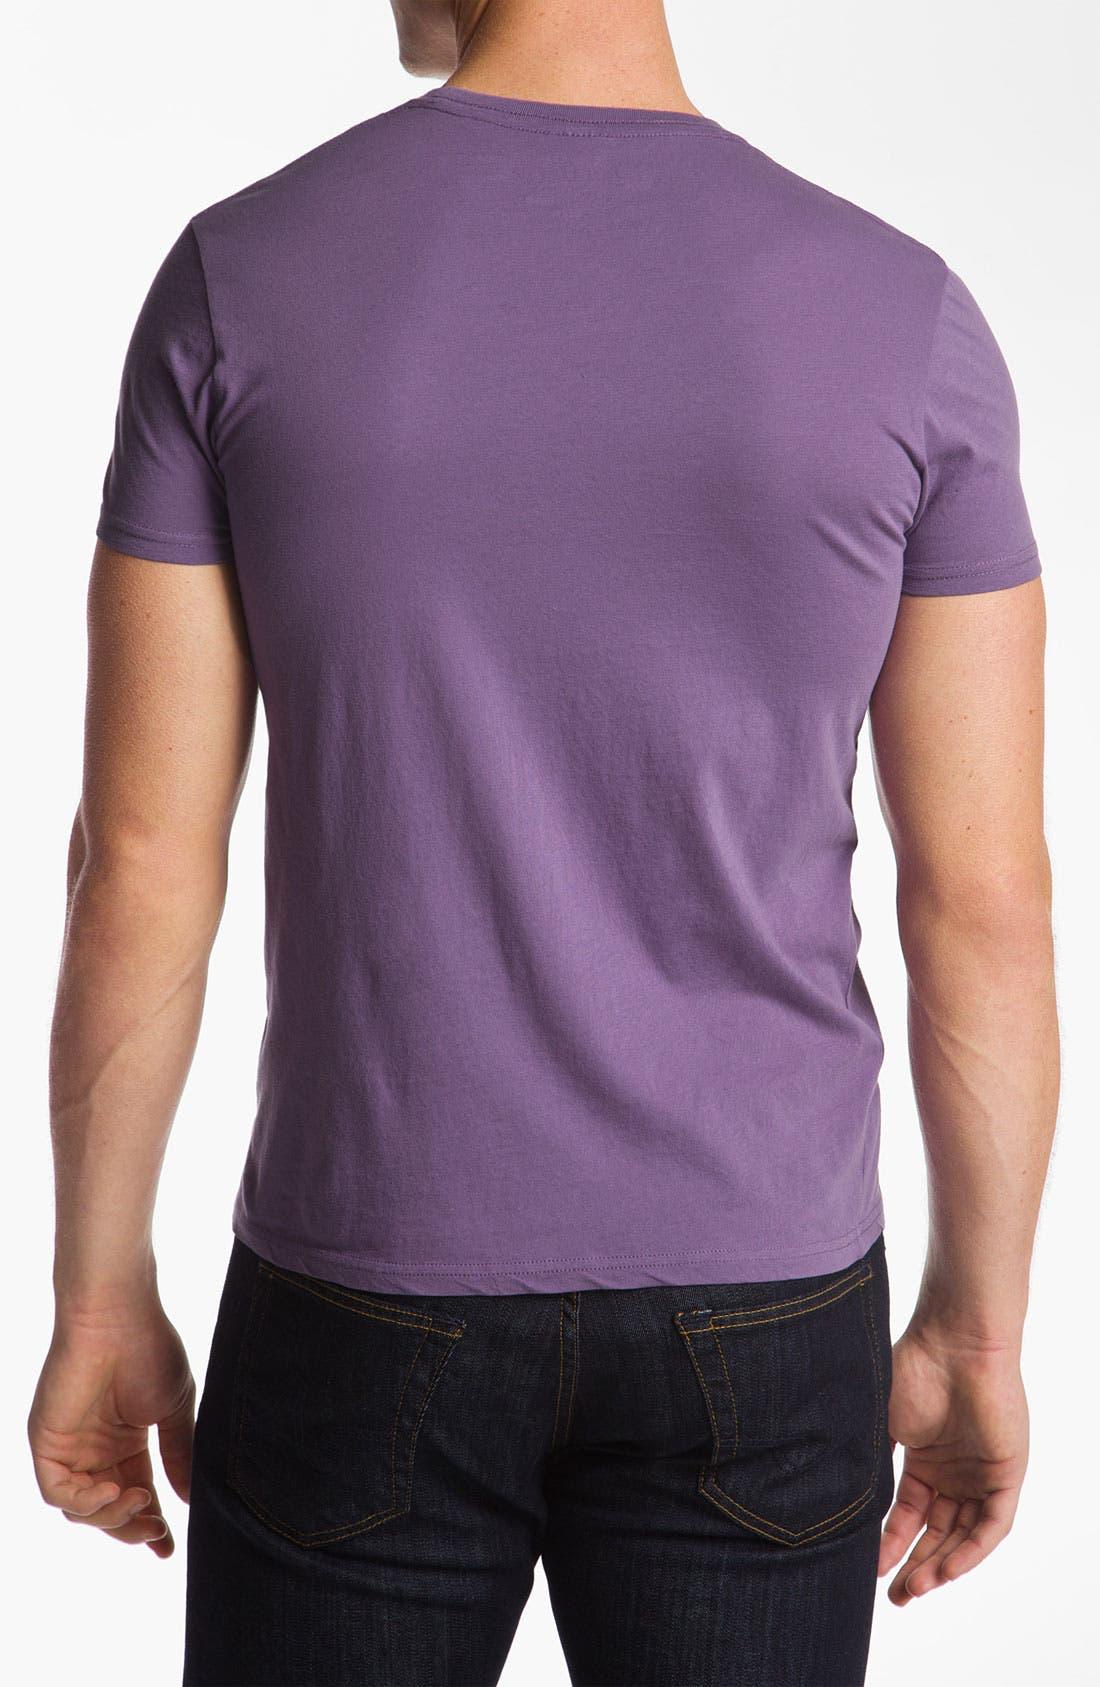 Alternate Image 2  - The Original Retro Brand 'Northwestern Wildcats' T-Shirt